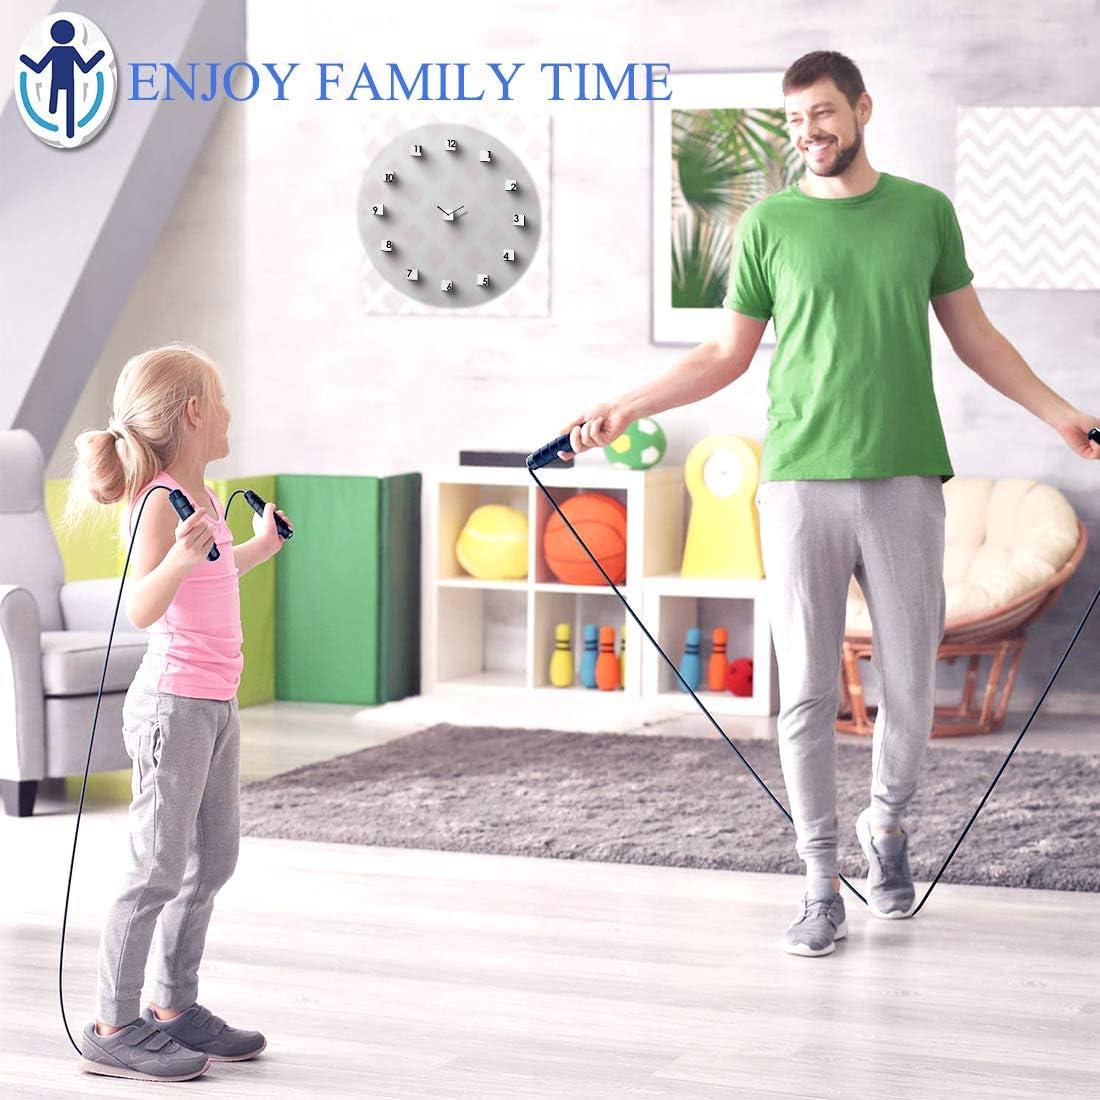 Aenamer Corde /à Sauter Fitness Paquet de 2 Exercices de Corde pour Adulte Enfants 3 M/ètres R/églable Speed Rope avec Professionnelle Pond/ér/ée Sport Jump Rope pour Fitness Boxe Crossfit Gym